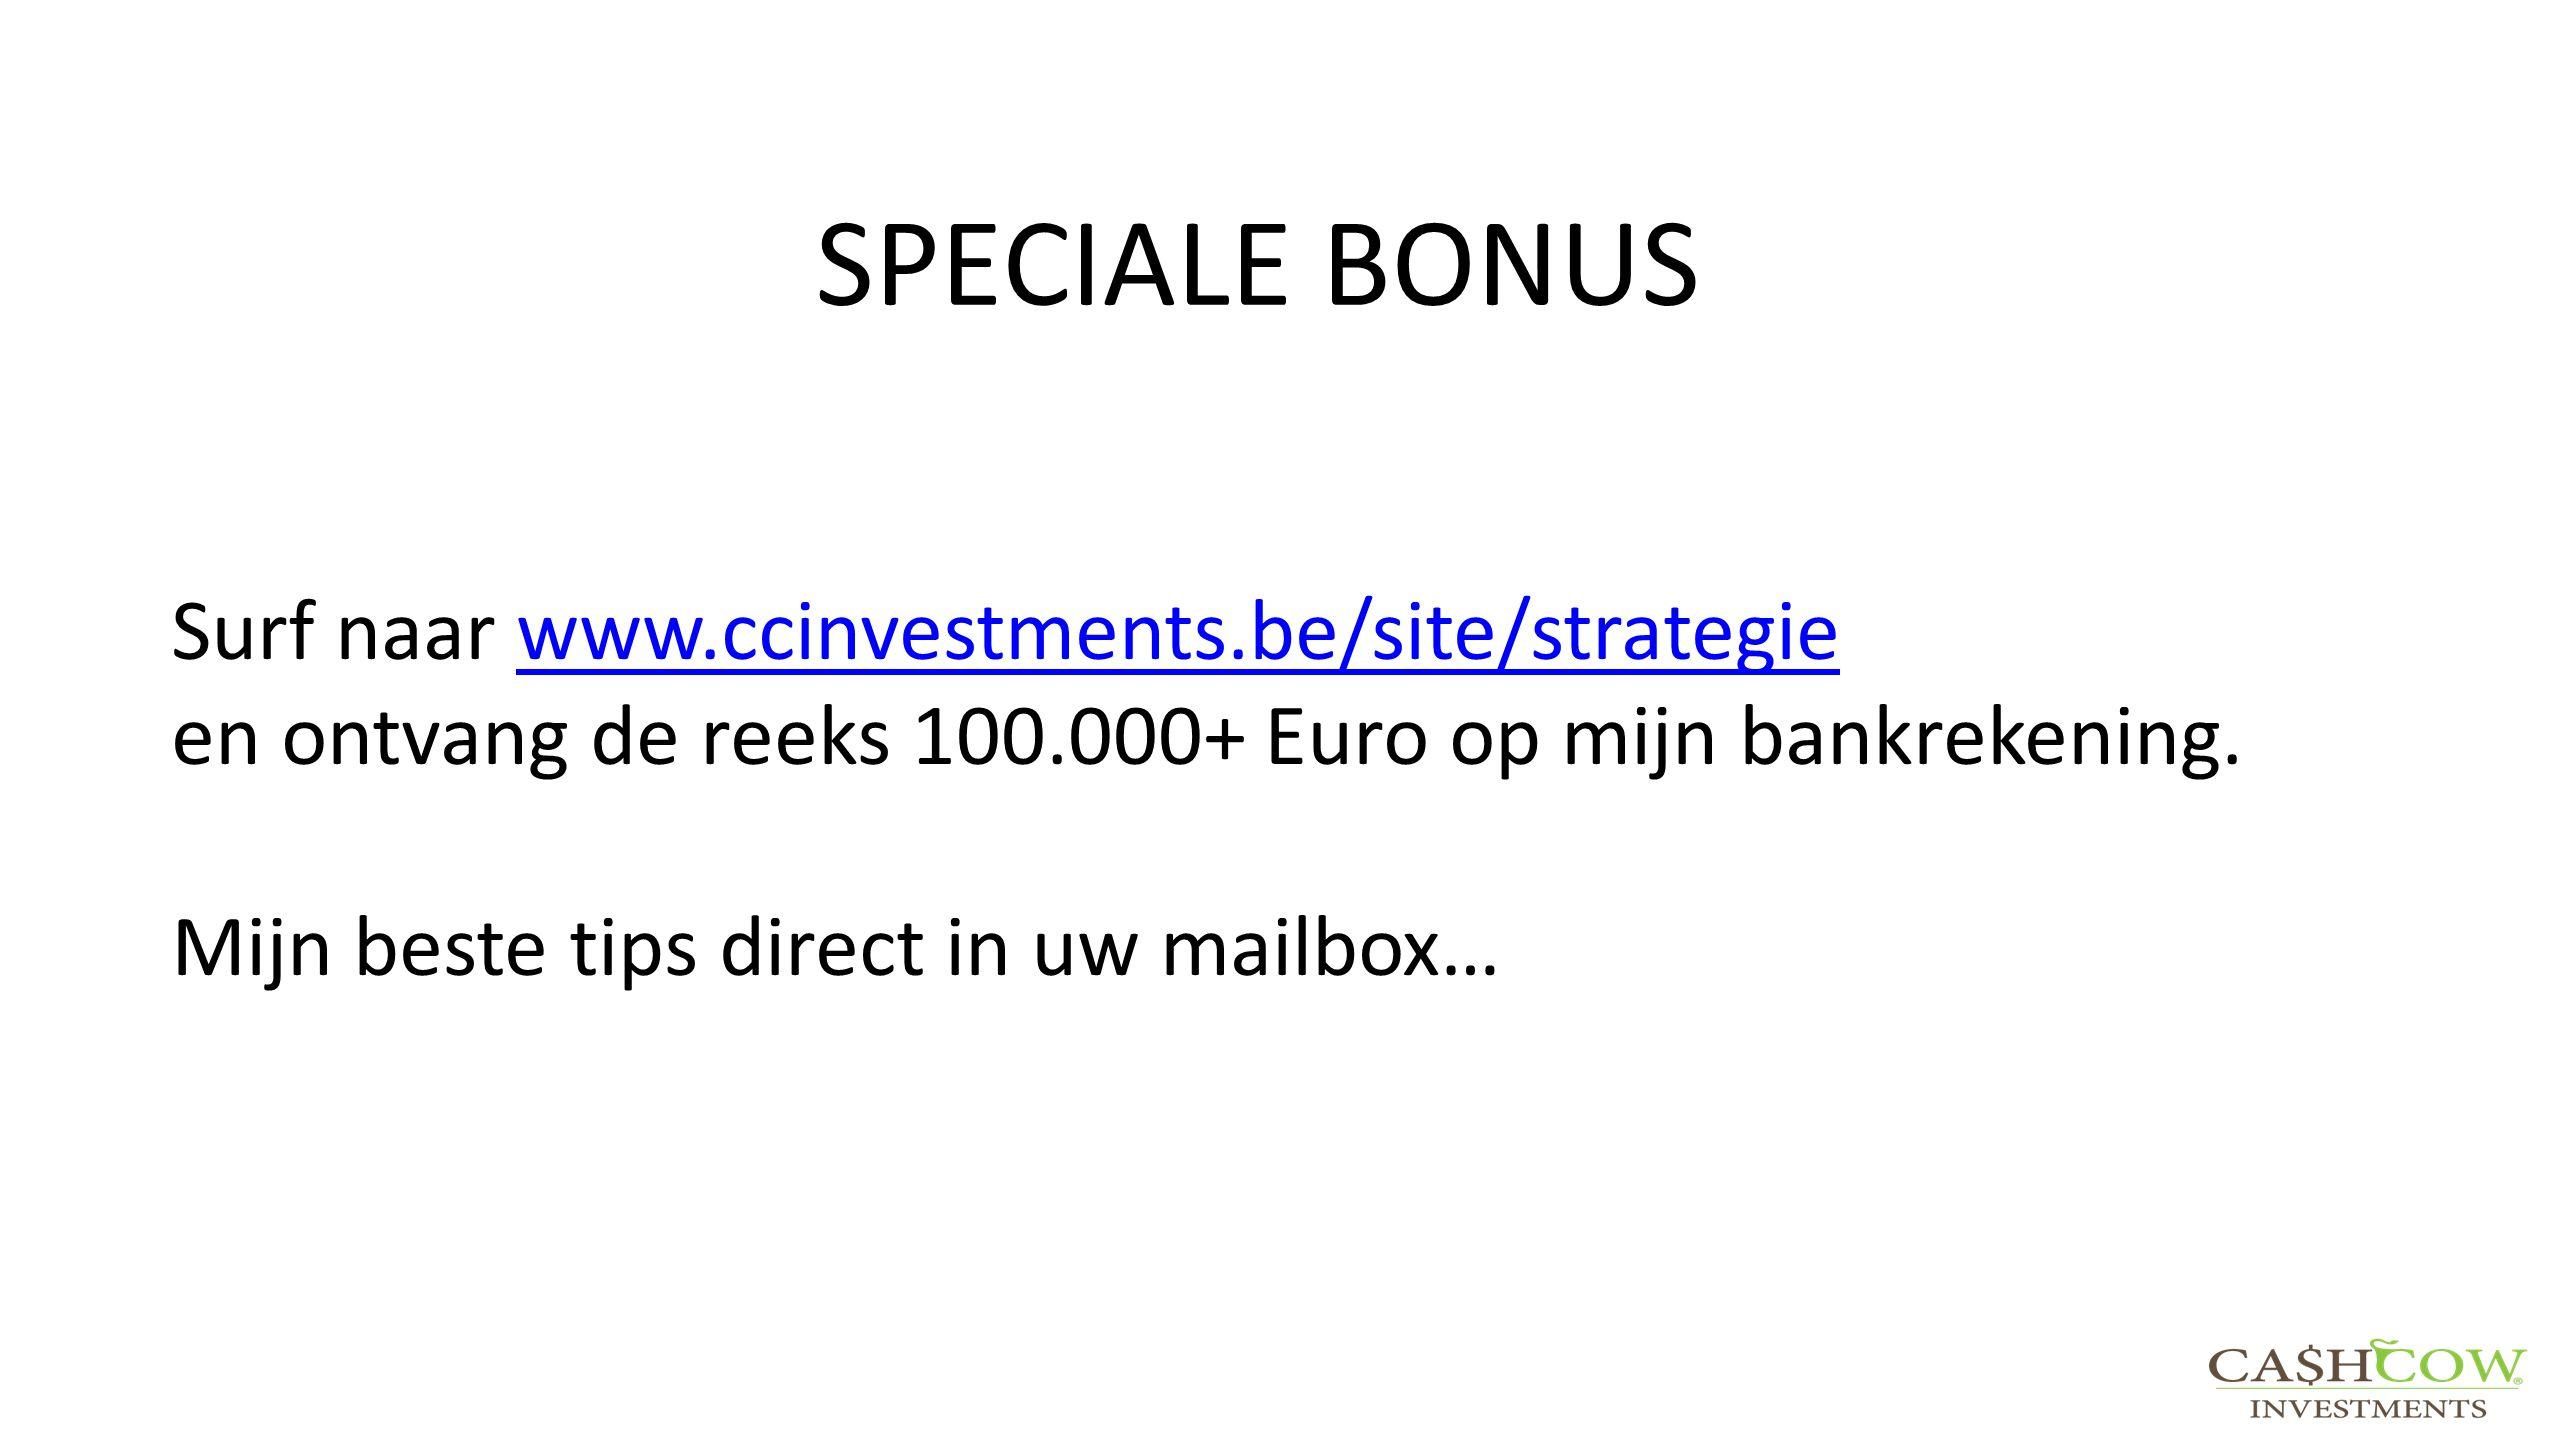 SPECIALE BONUS Surf naar www.ccinvestments.be/site/strategiewww.ccinvestments.be/site/strategie en ontvang de reeks 100.000+ Euro op mijn bankrekening